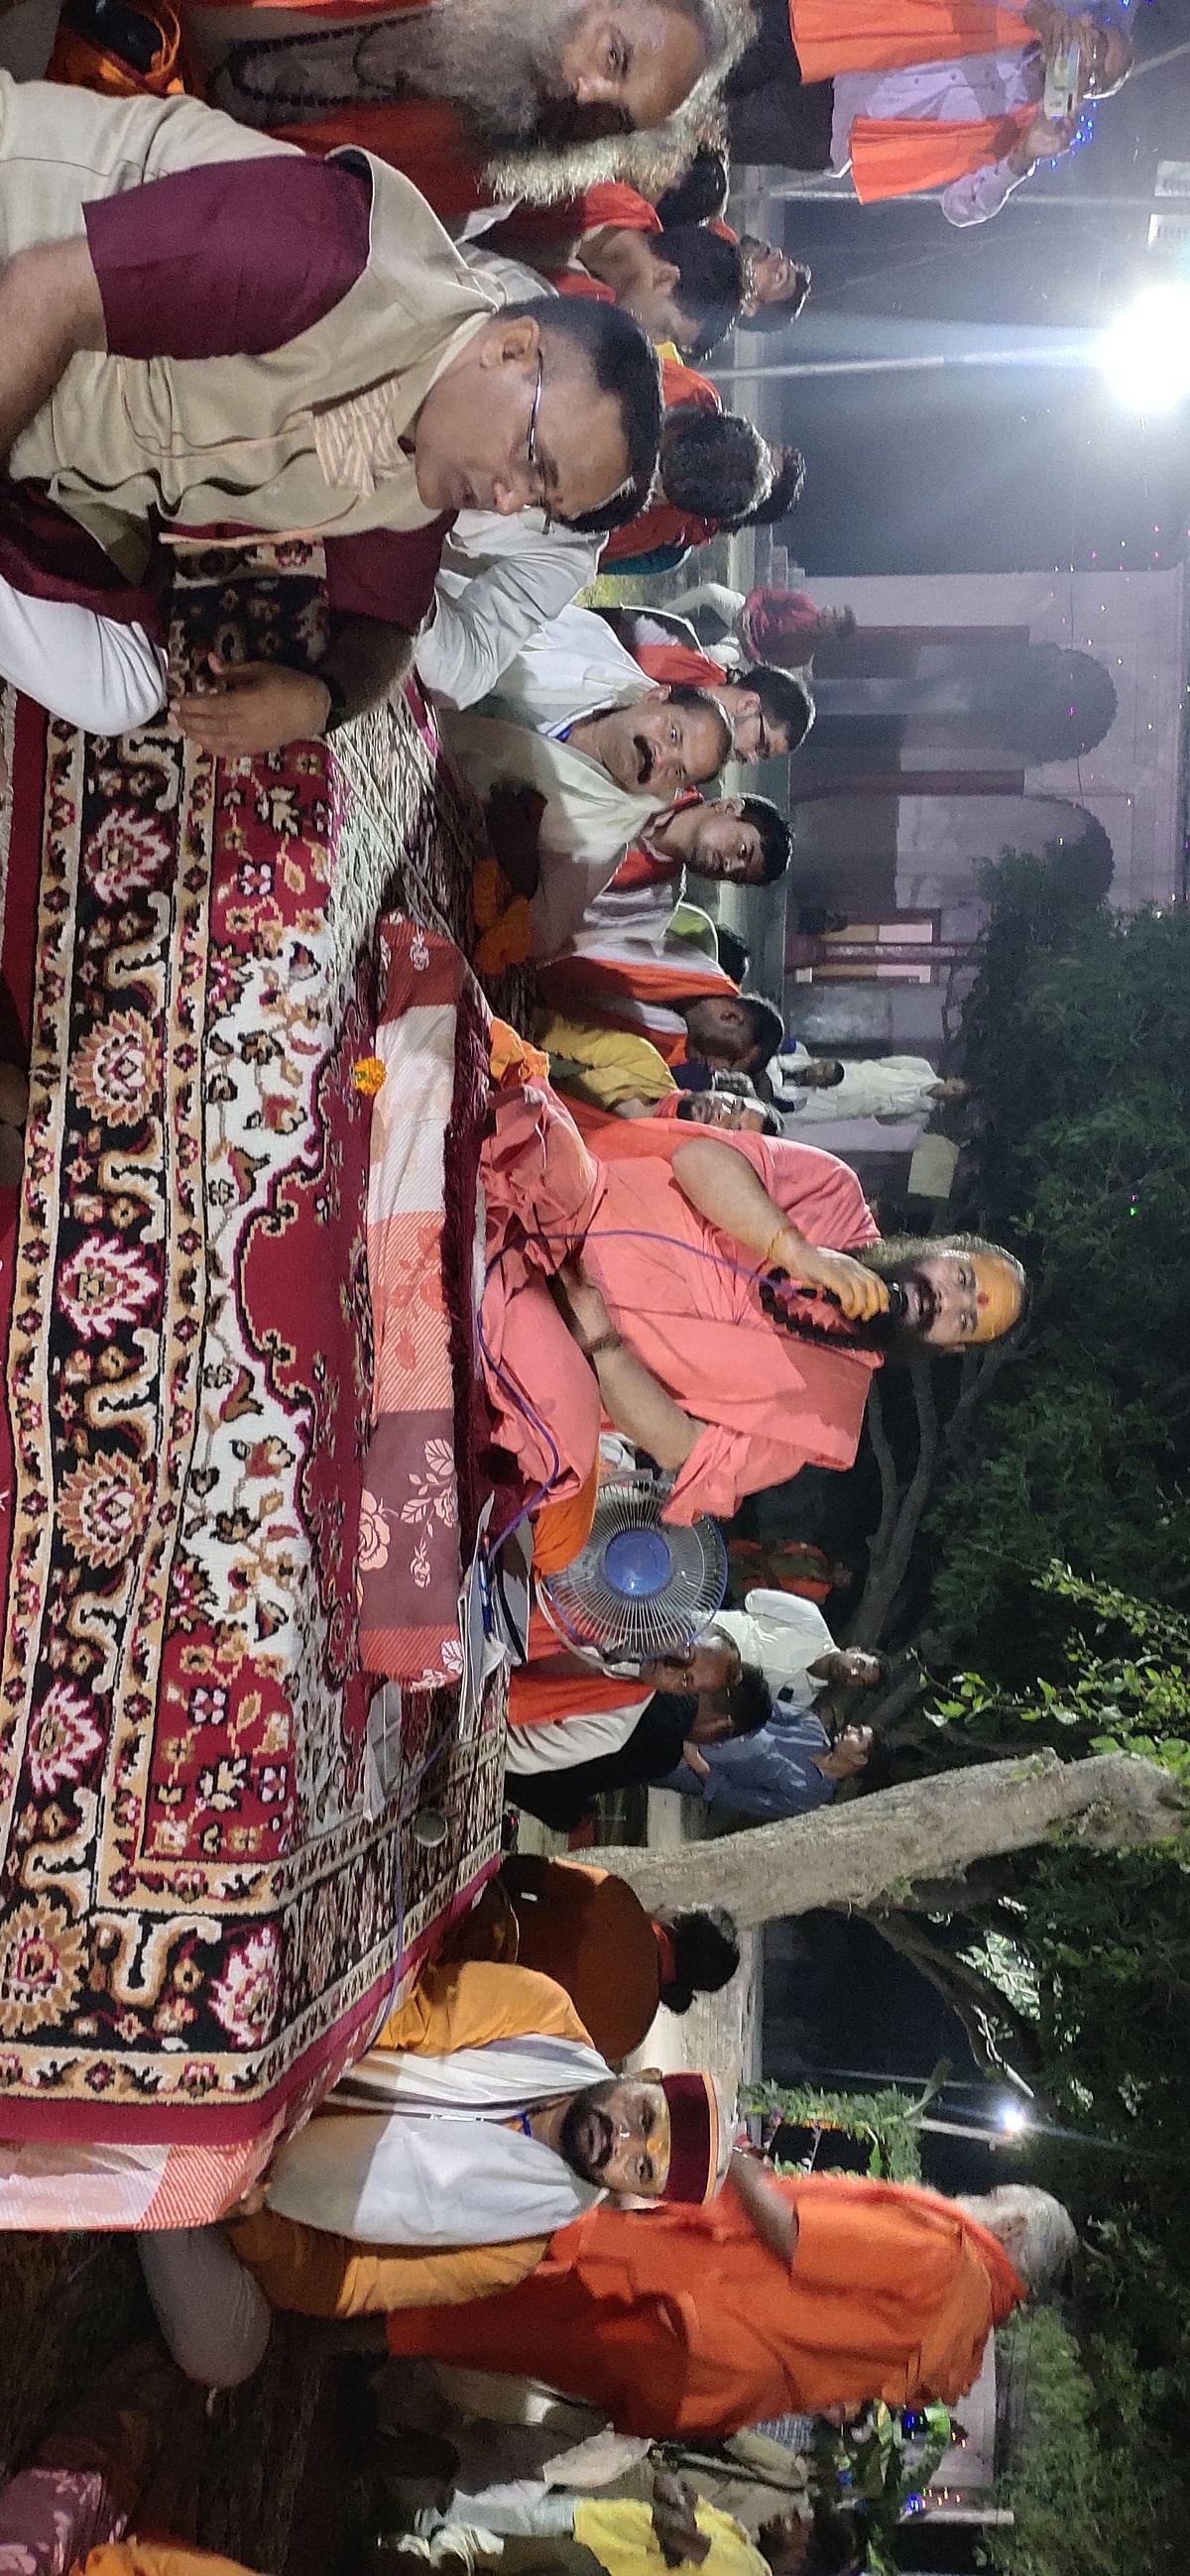 सिद्धपीठ स्थित बुढ़िया माई के तेज से समूचा आध्यात्मिक जगत प्रकाशमान- महामंडलेश्वर